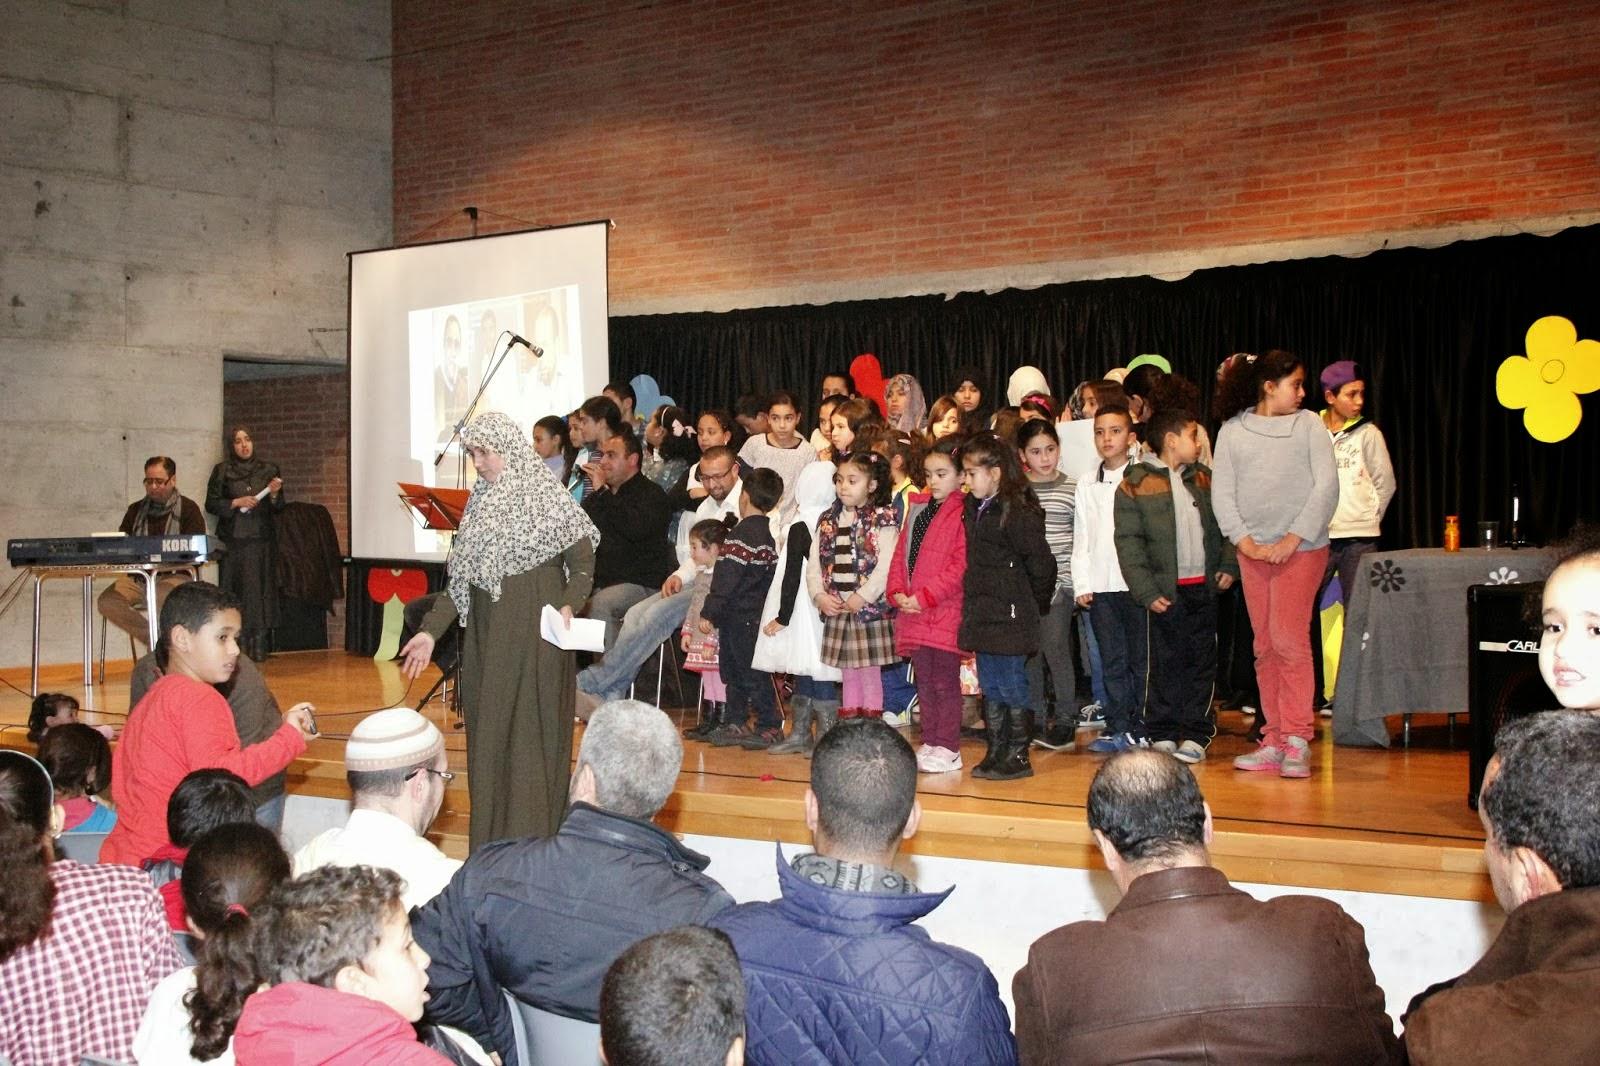 La Comunidad Islámica Al - IJLAS de Terrassa celebra una velada cultural y artística